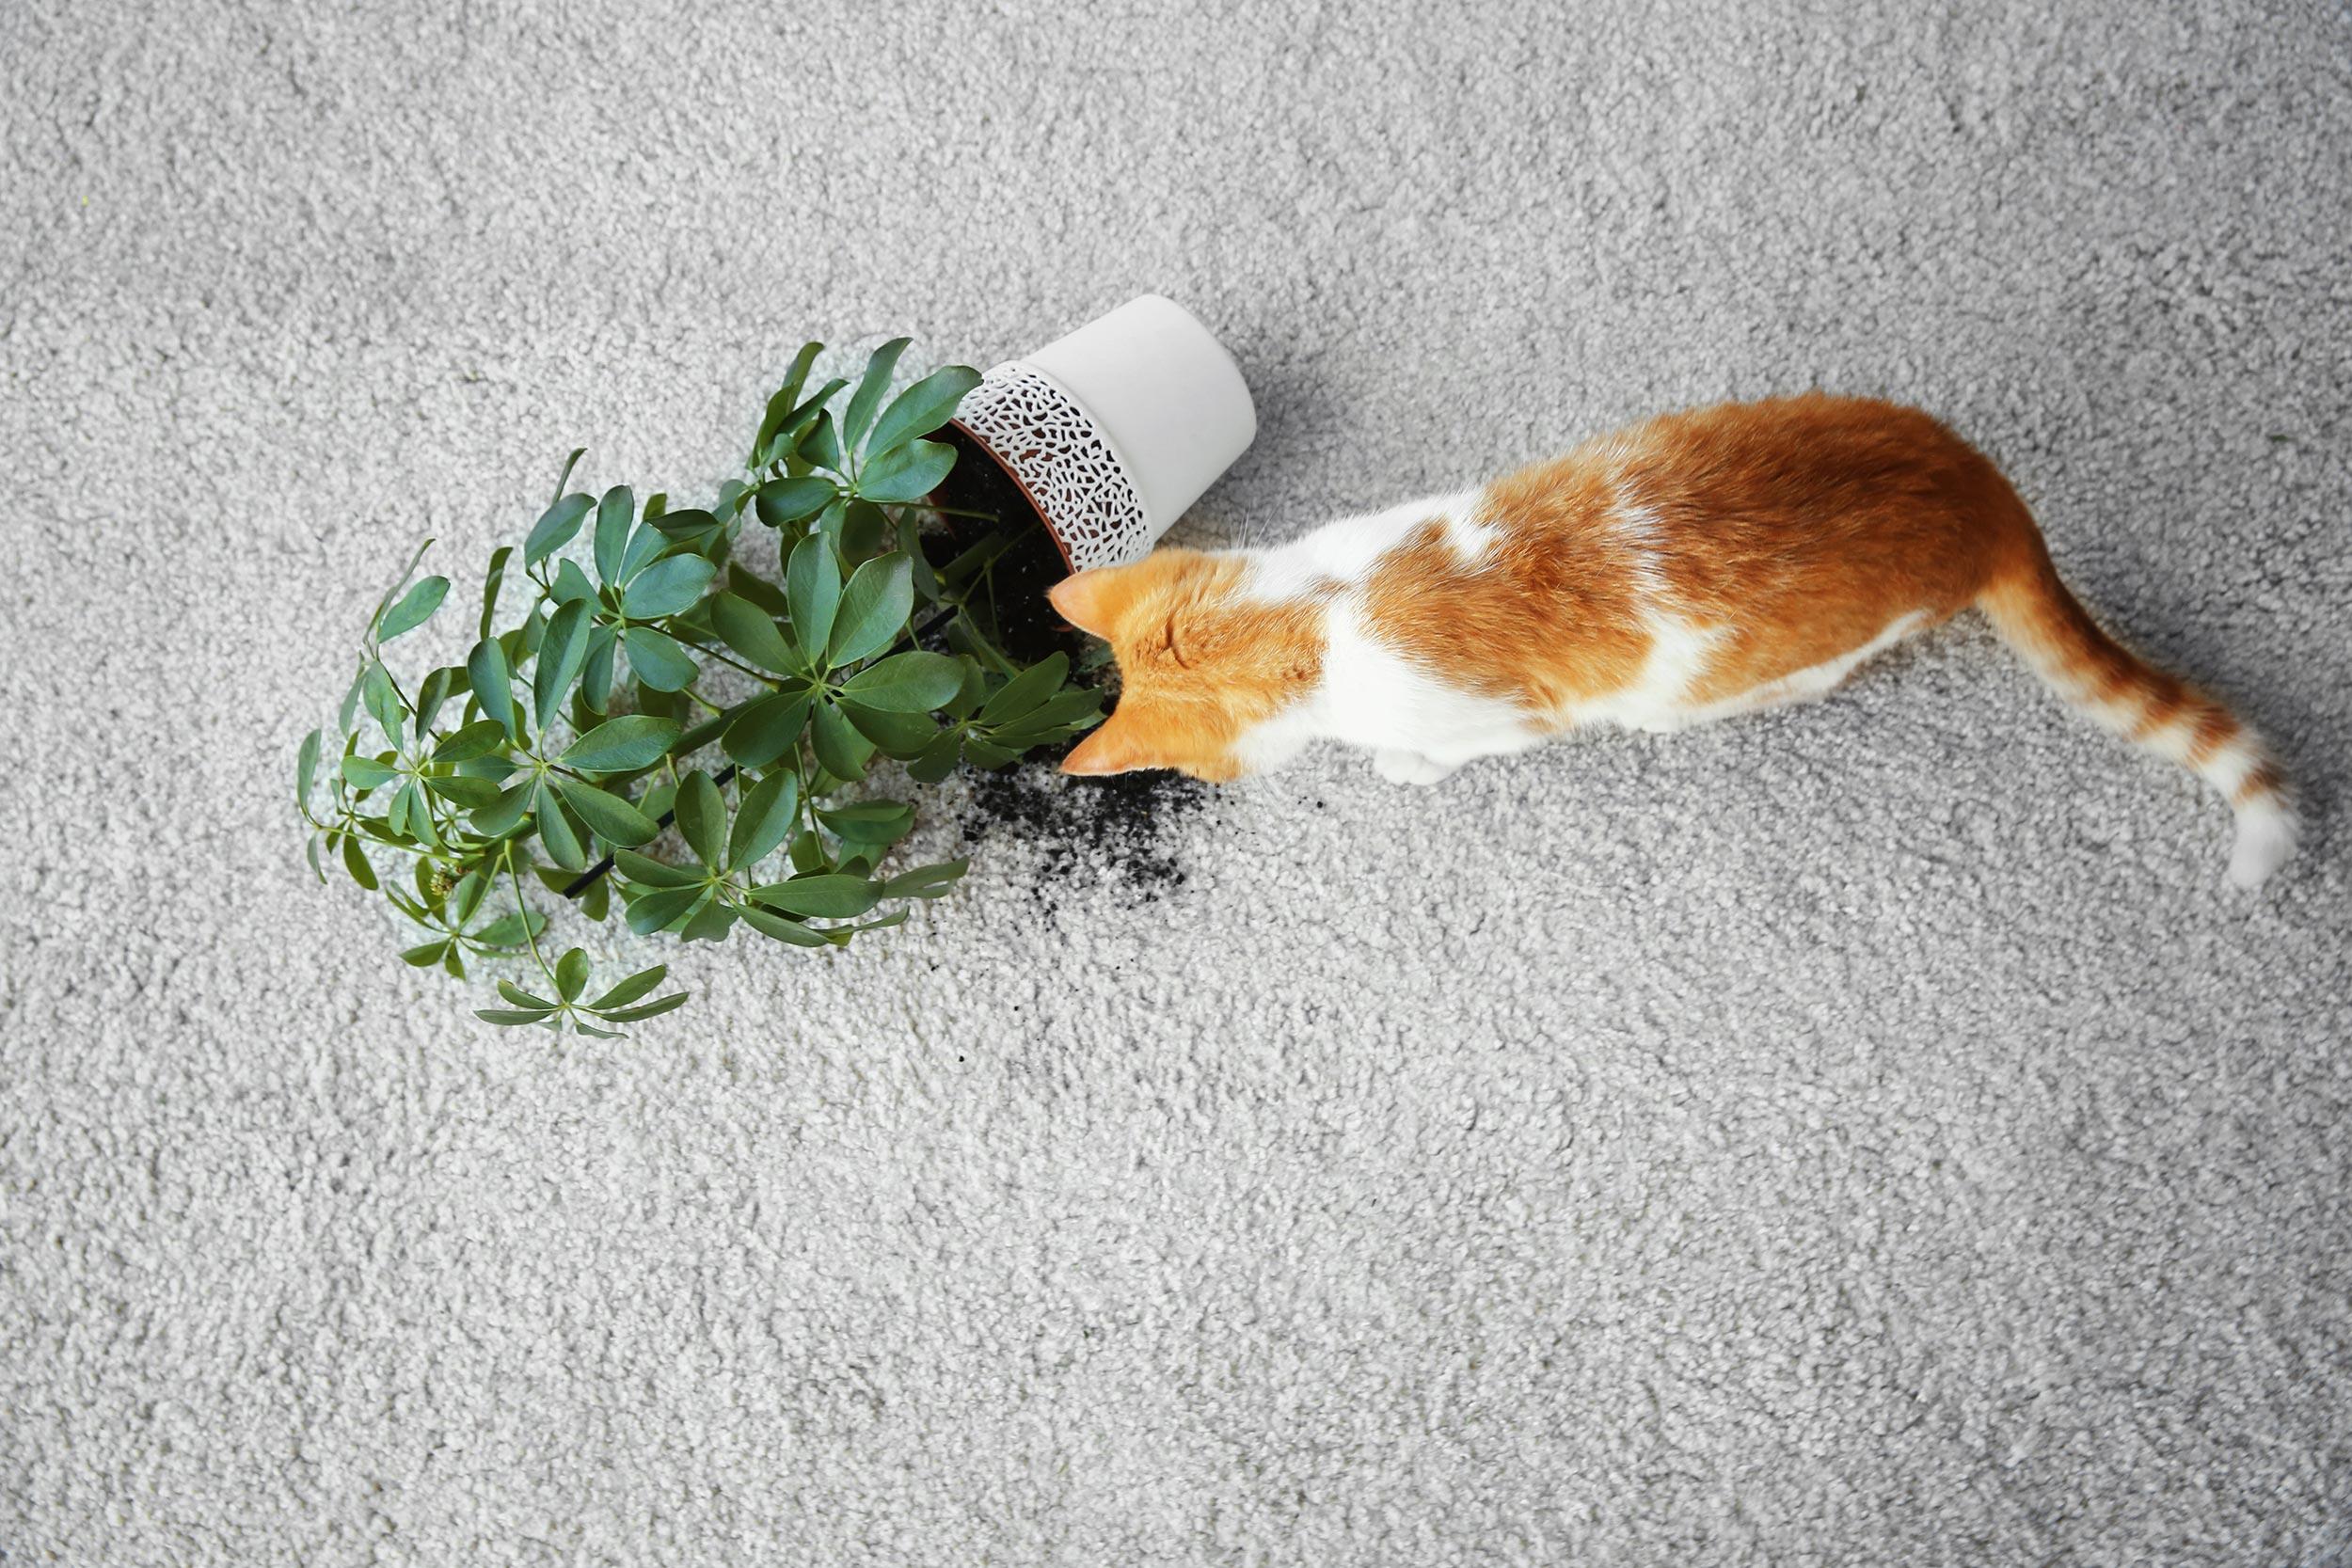 Mačka pored razbijene teglice s biljkom na tlu